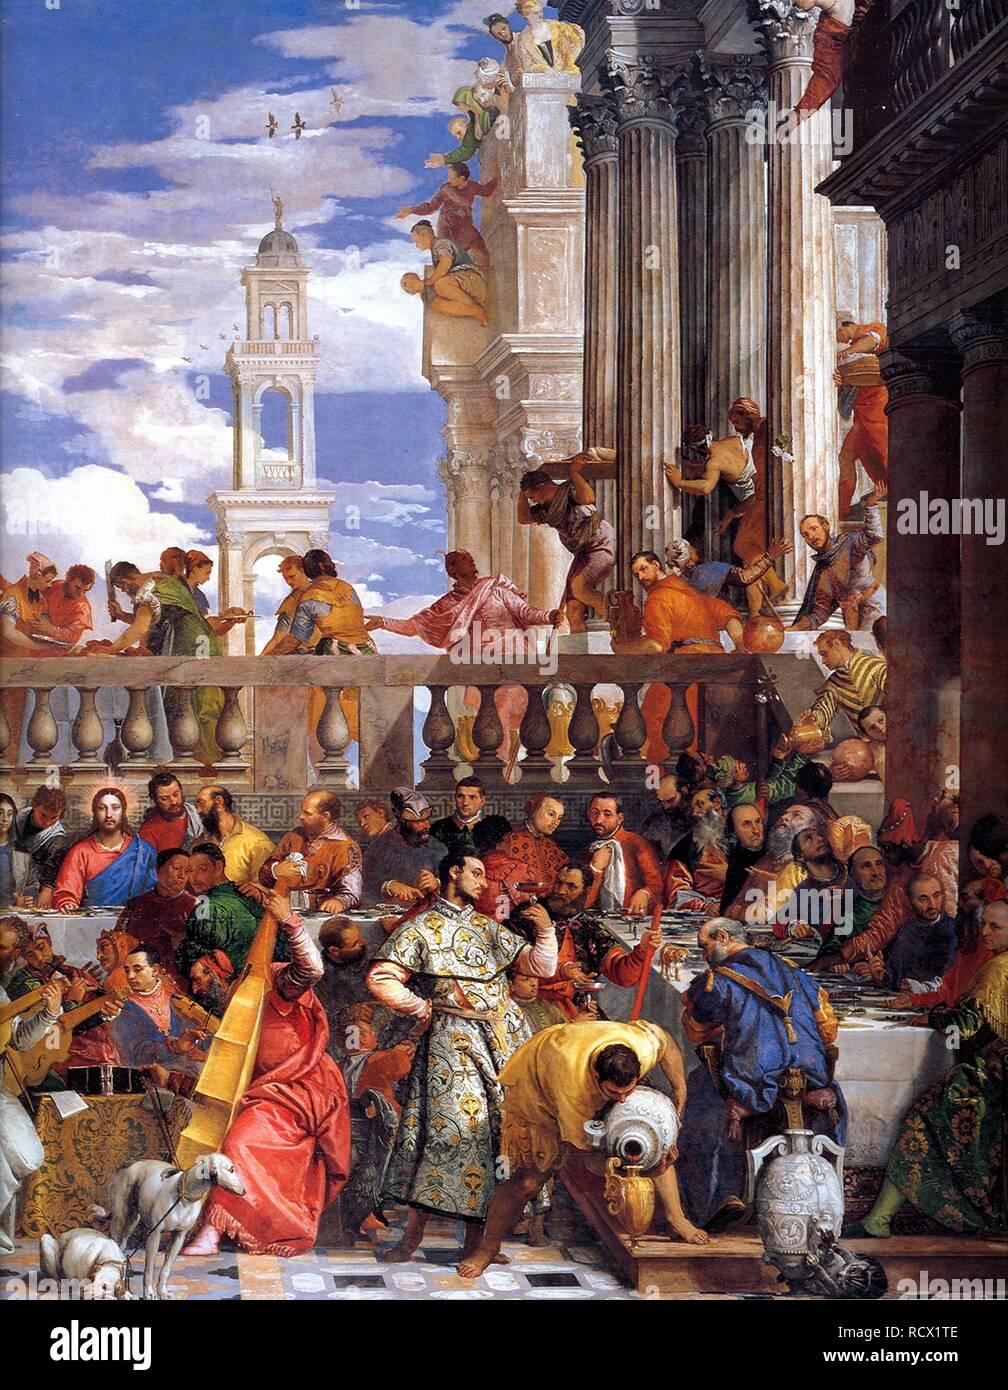 Les Noces De Cana Veronese : noces, veronese, Wedding, Veronese, Resolution, Stock, Photography, Images, Alamy